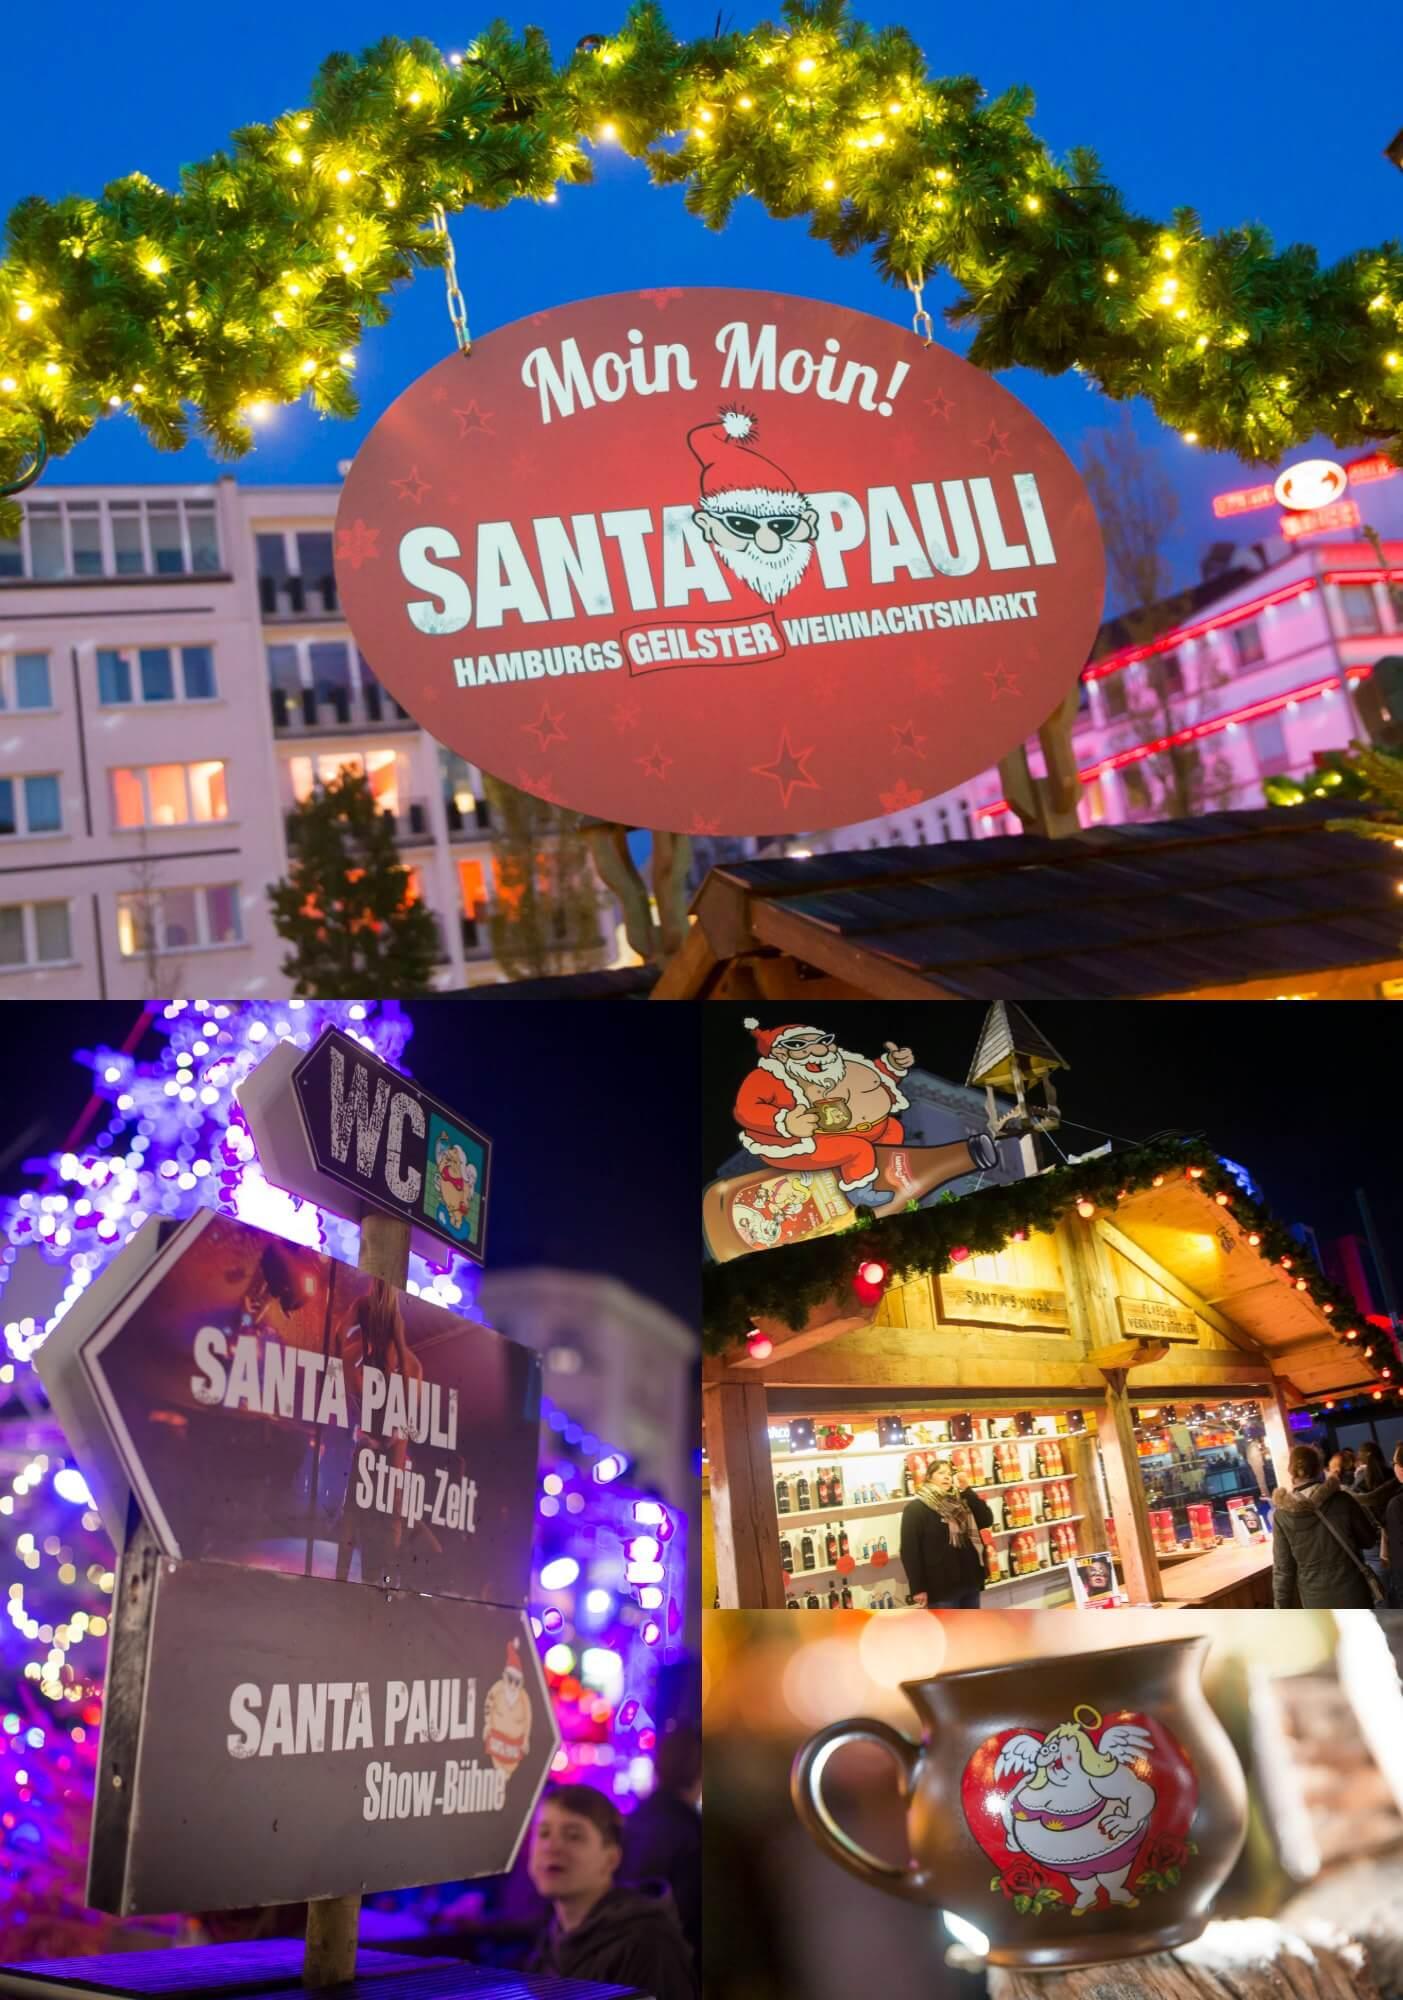 Weihnachtsmarkt Eröffnung Hamburg.Stripzelt Livemusik Heiße Engel Leckerer Glühwein Santa Pauli